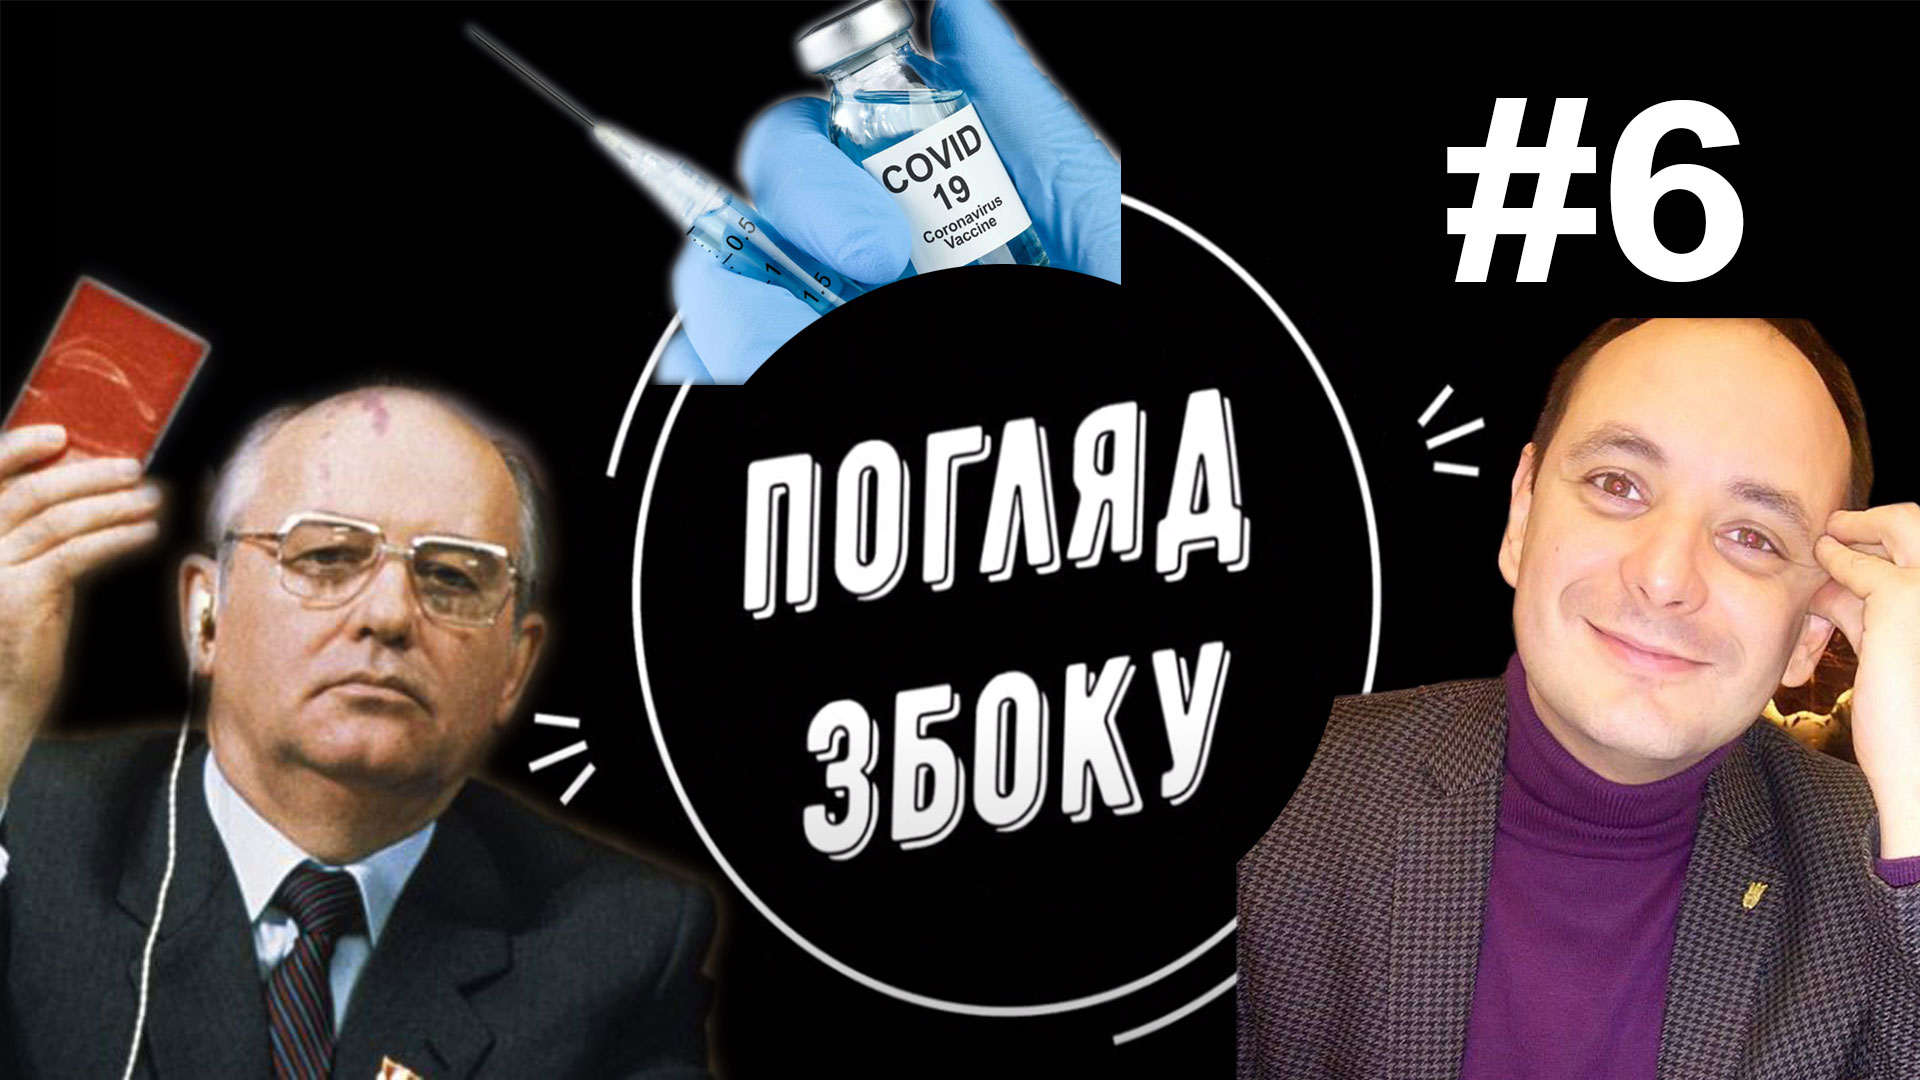 Погляд збоку #6. Горбачов відзначає 90-літній ювілей. Марцінків продовжує розпродавати Івано-Франківськ